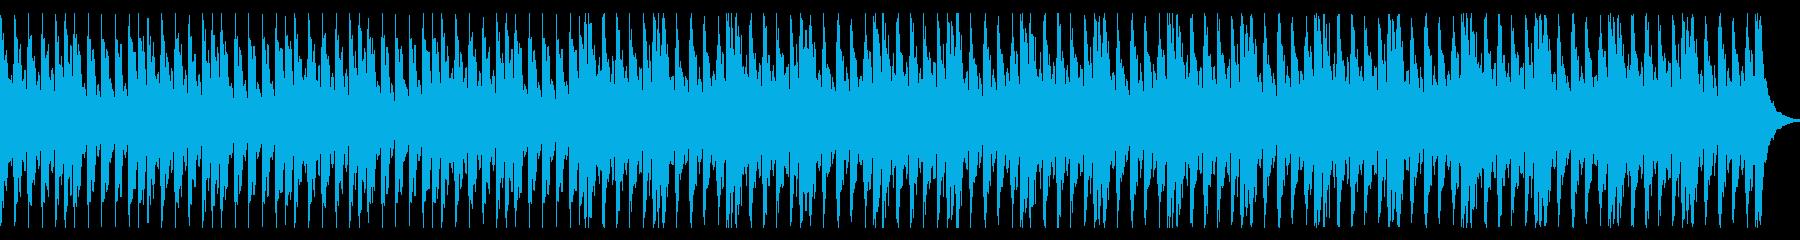 ピアノとストリングスの緊迫感あるBGMの再生済みの波形